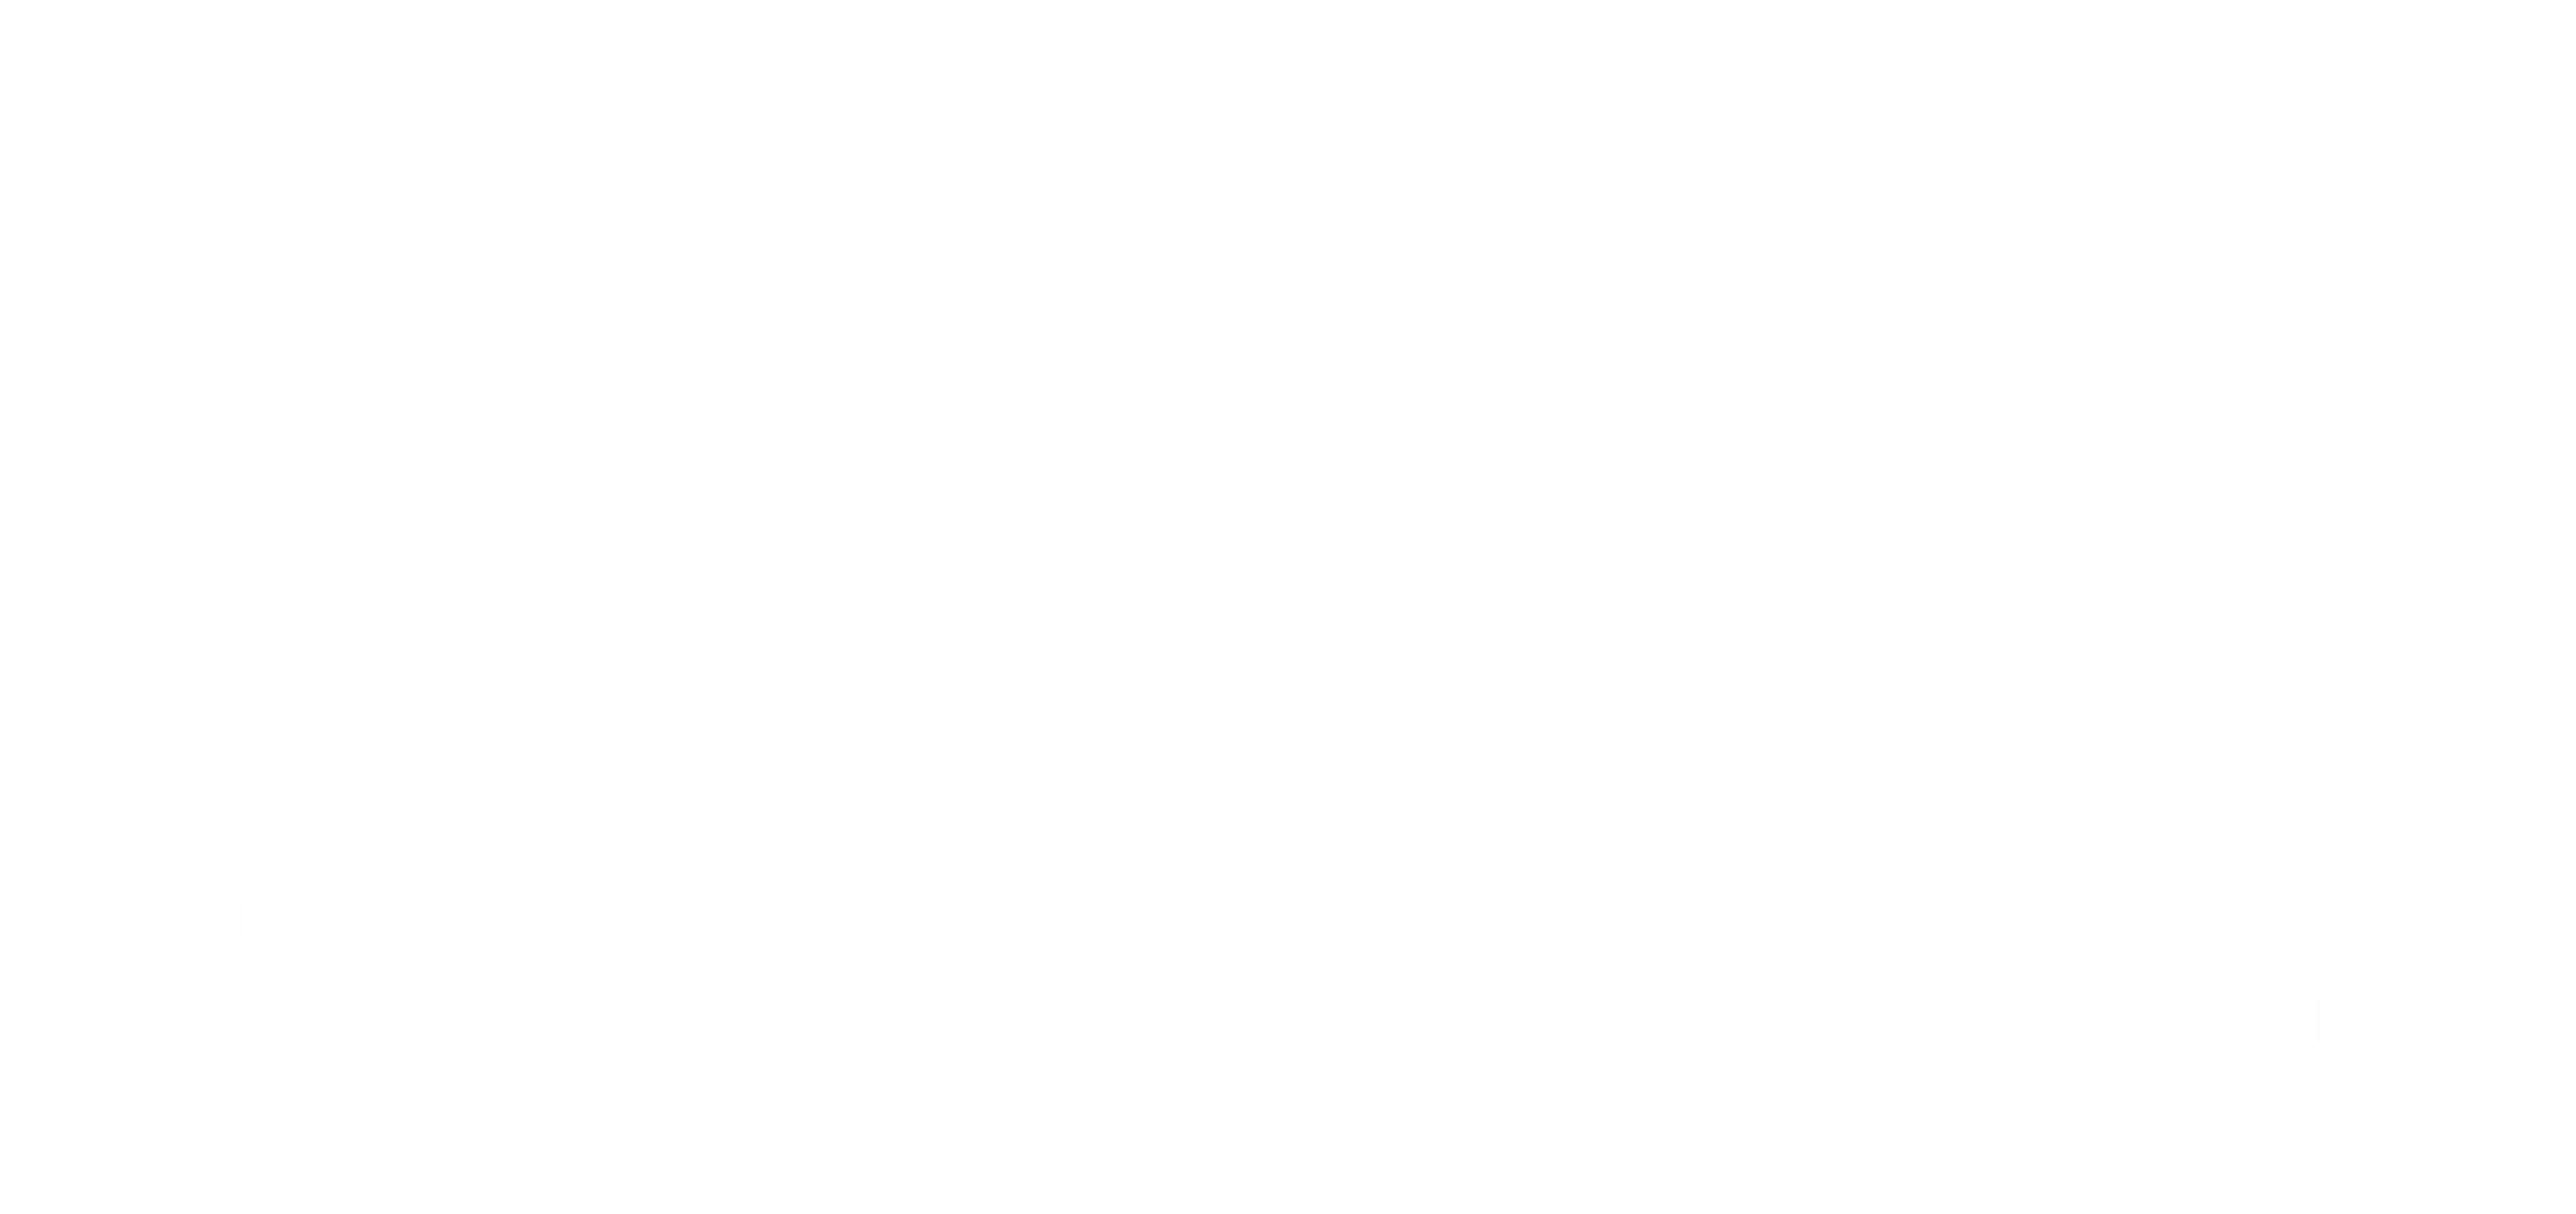 omahbata